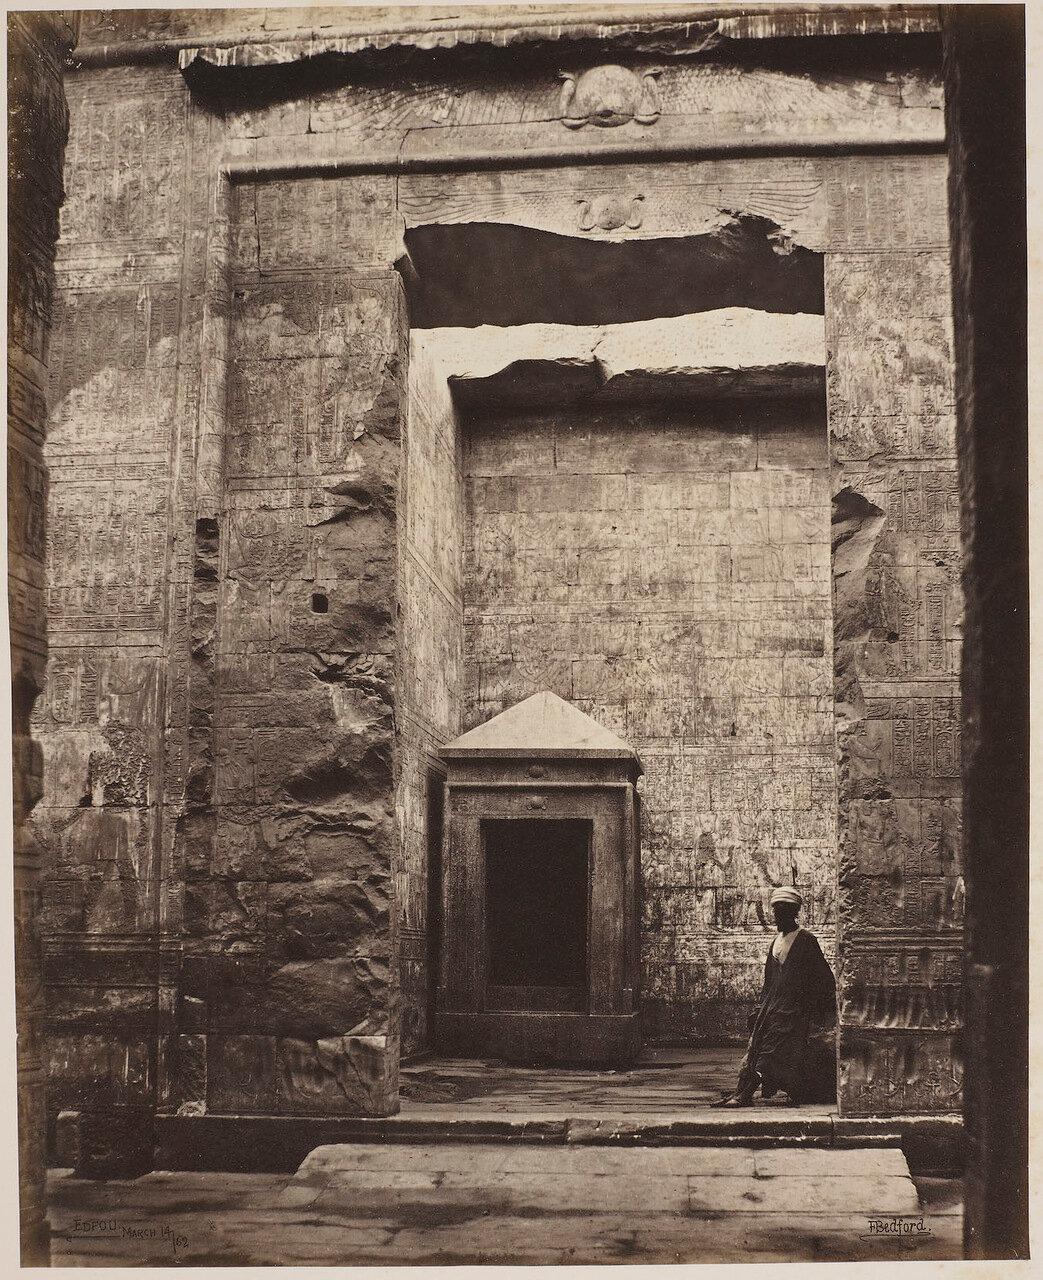 14 марта 1862. Цельный алтарь в святая святых Храма Гора, Эдфу